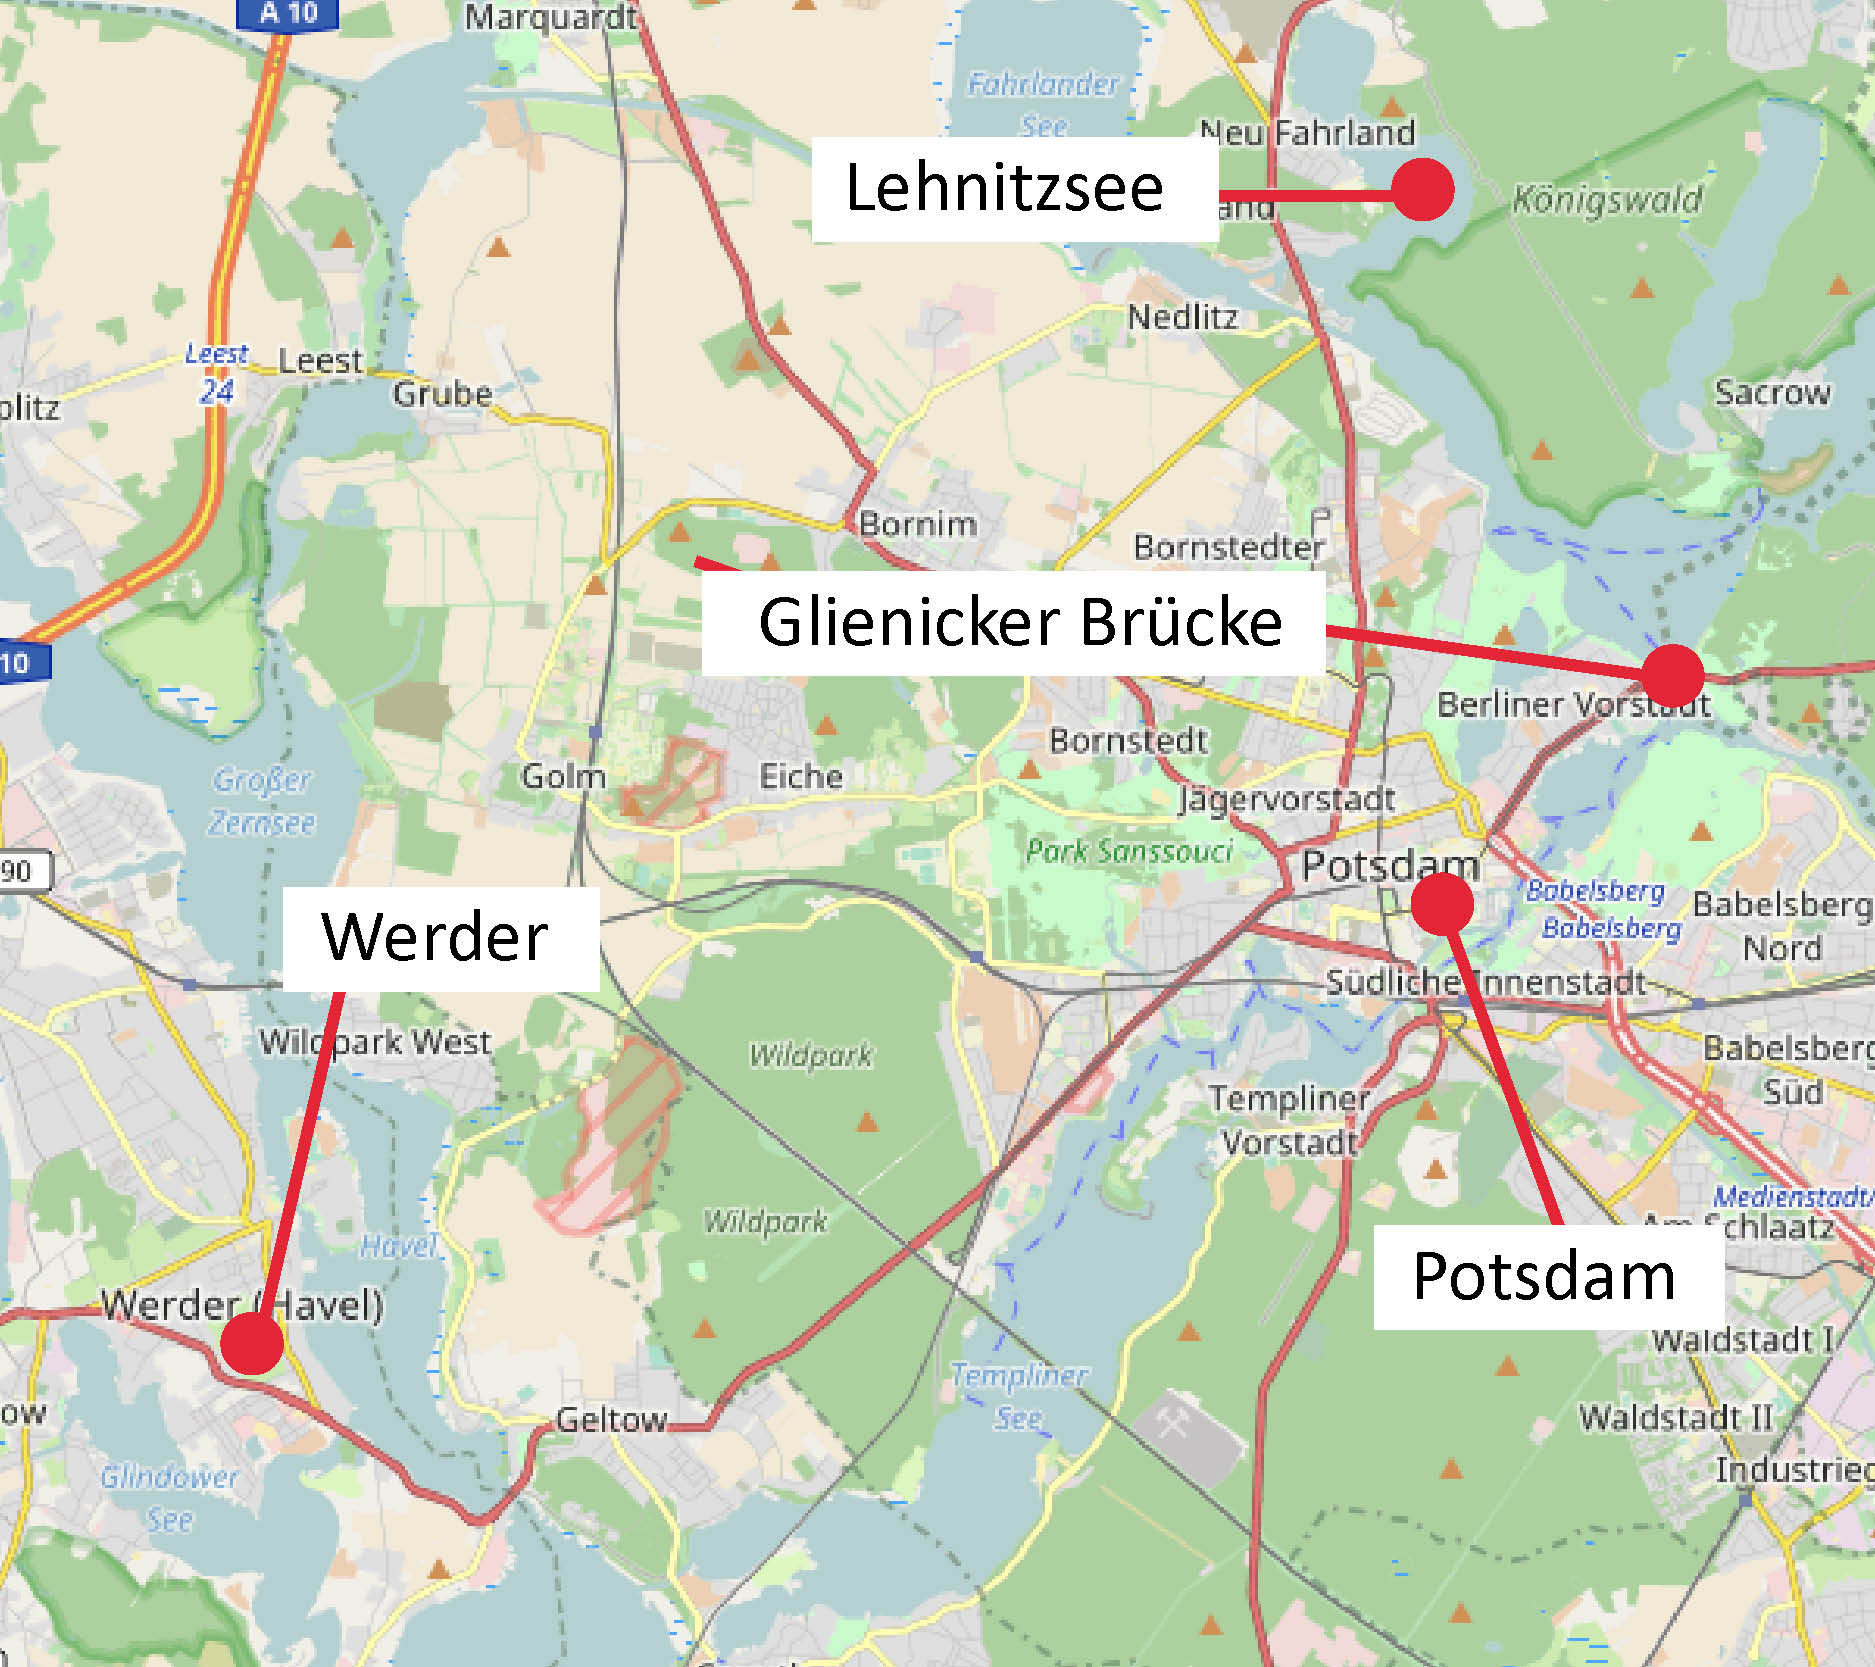 Potsdam und Werder